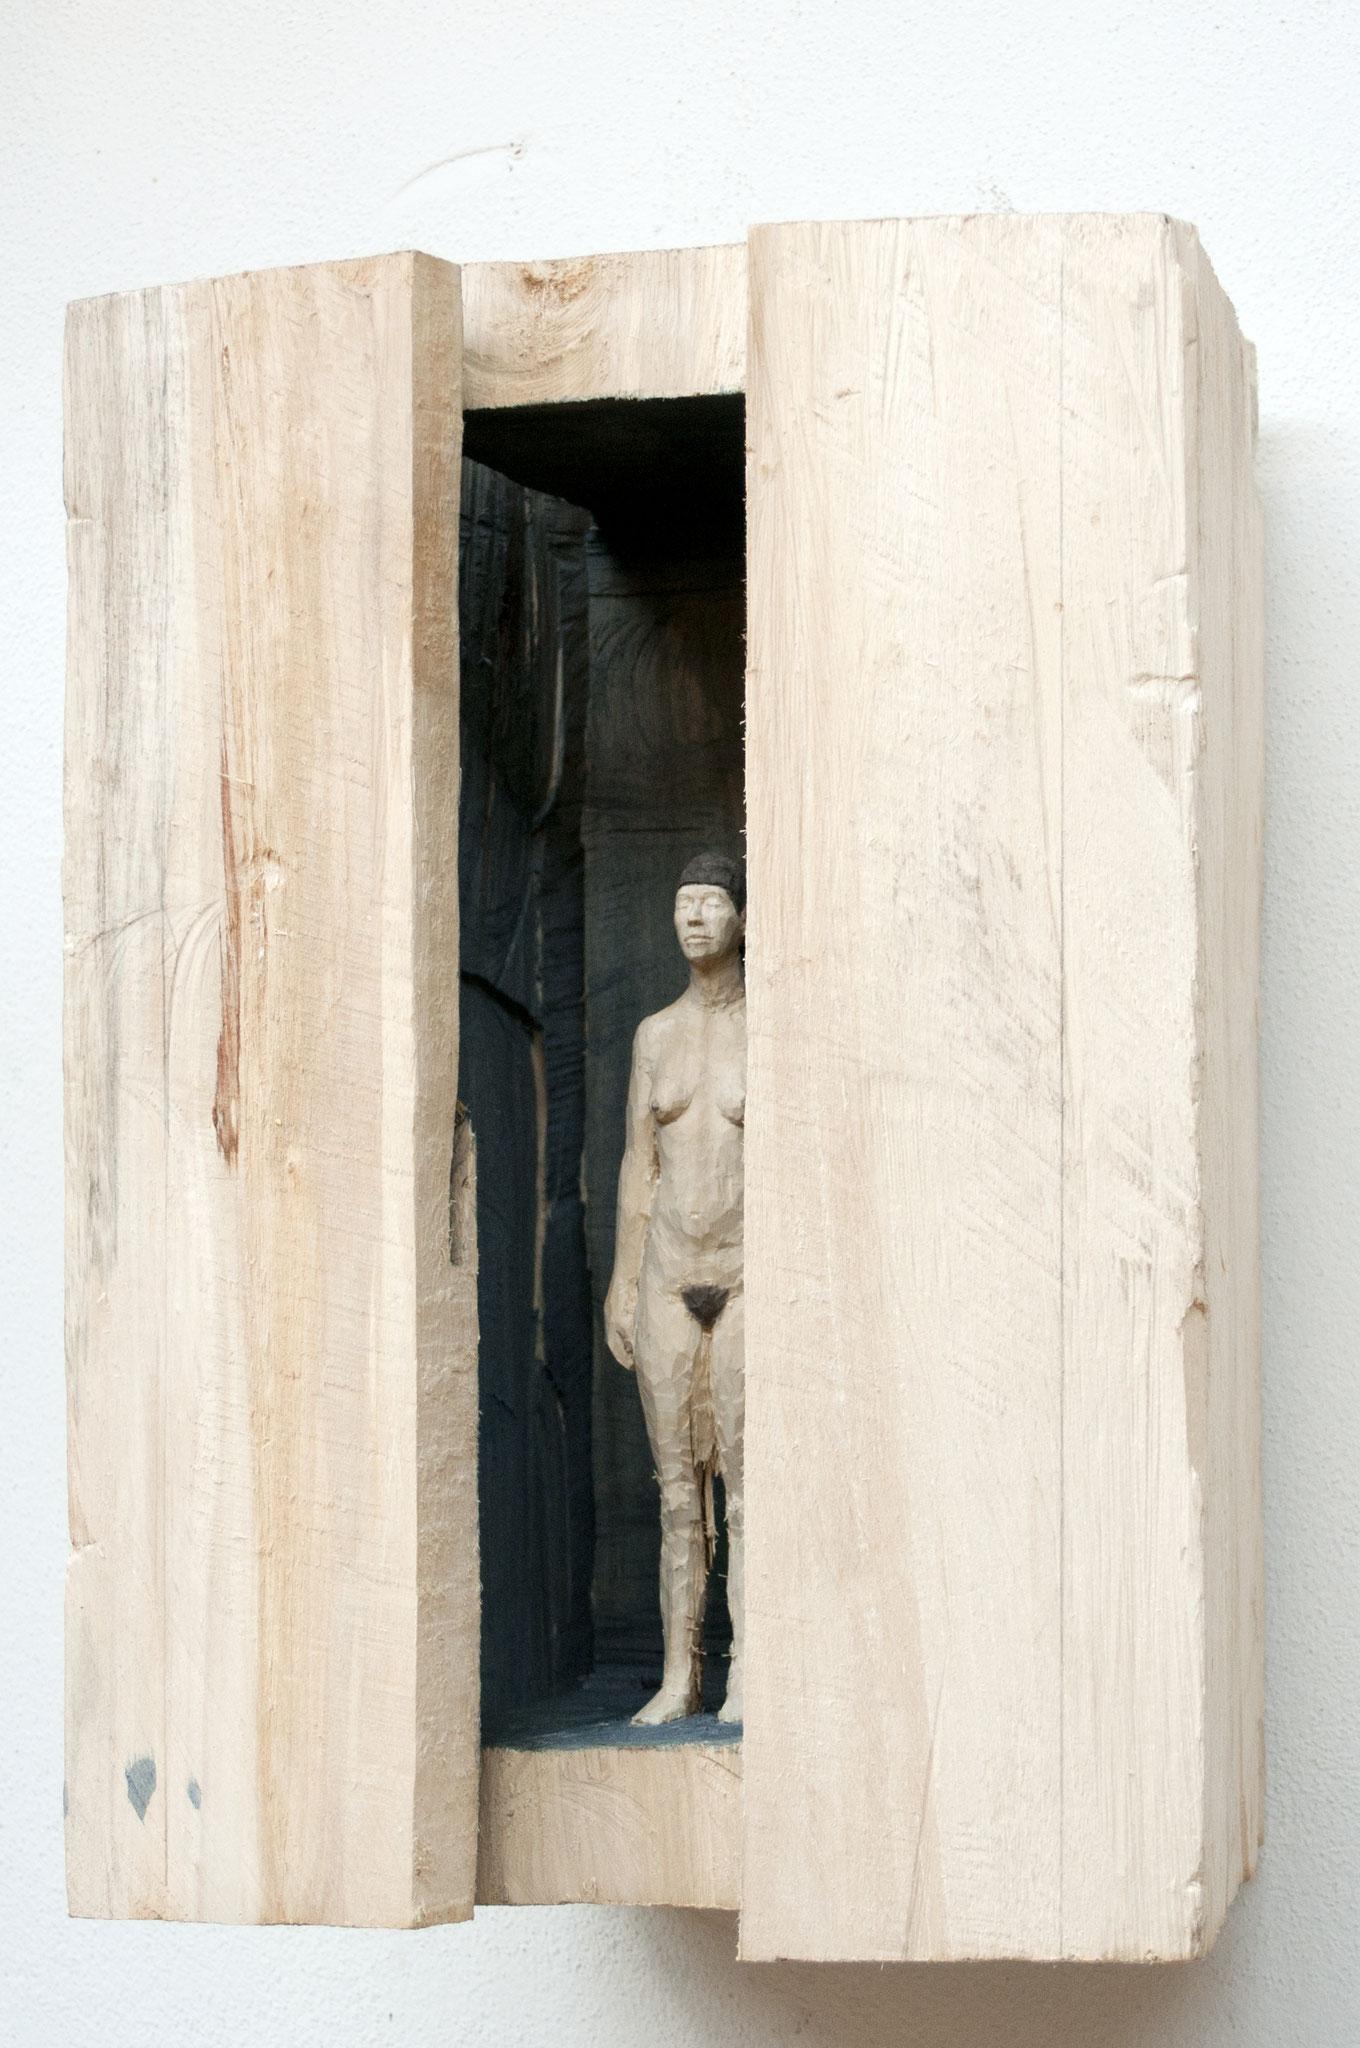 Flügelobjekt 2 - nackte Frau, Pappelholz, bemalt, 2017, Privatsammlung